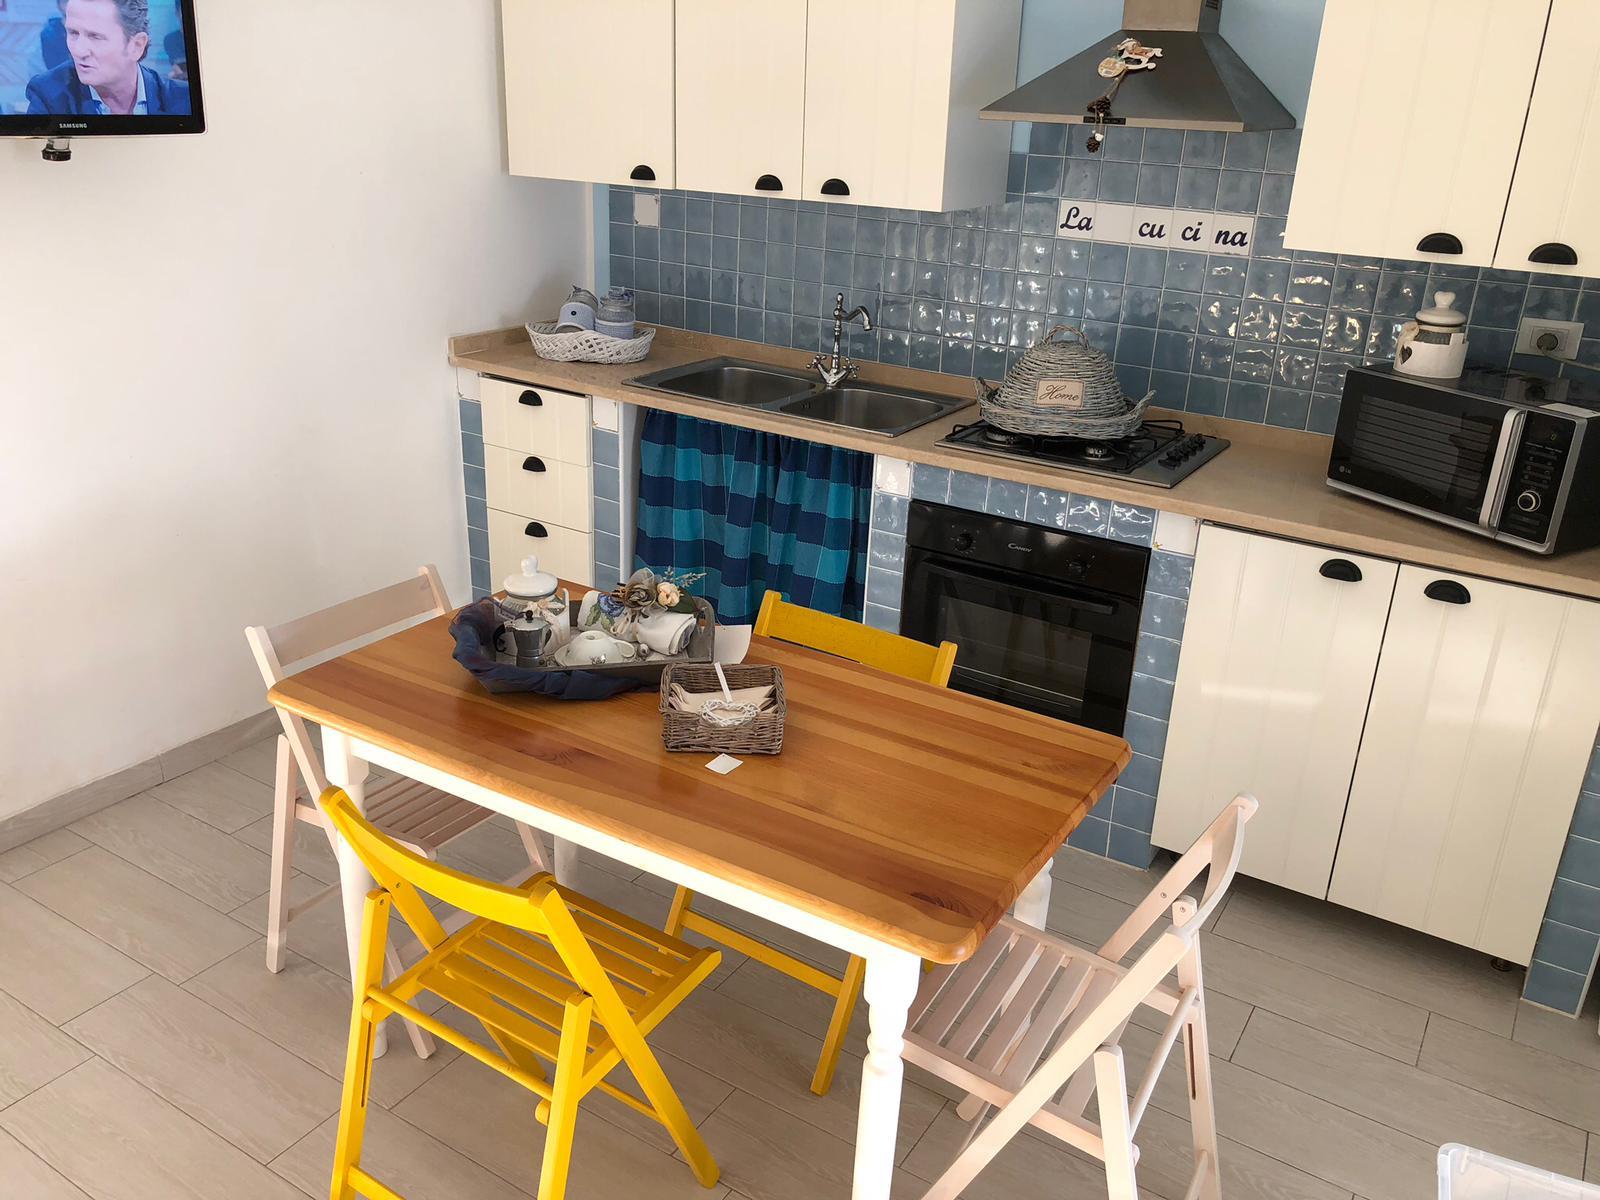 Appartamento in affitto a Alba Adriatica, 3 locali, zona Località: ZonaMare, prezzo € 300 | CambioCasa.it